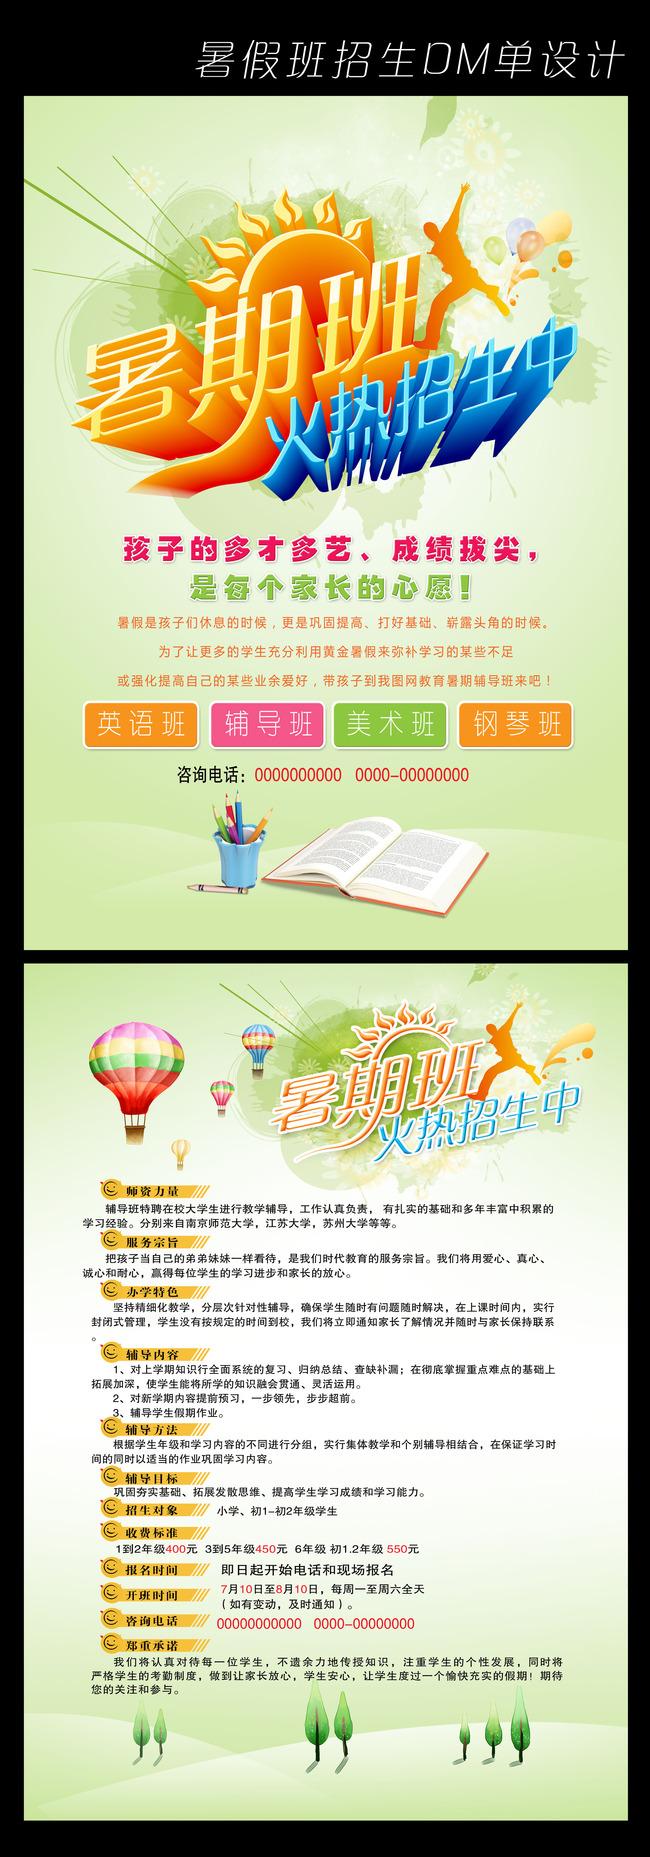 暑假辅导班招生宣传单设计模板下载(图片编号:)_彩页